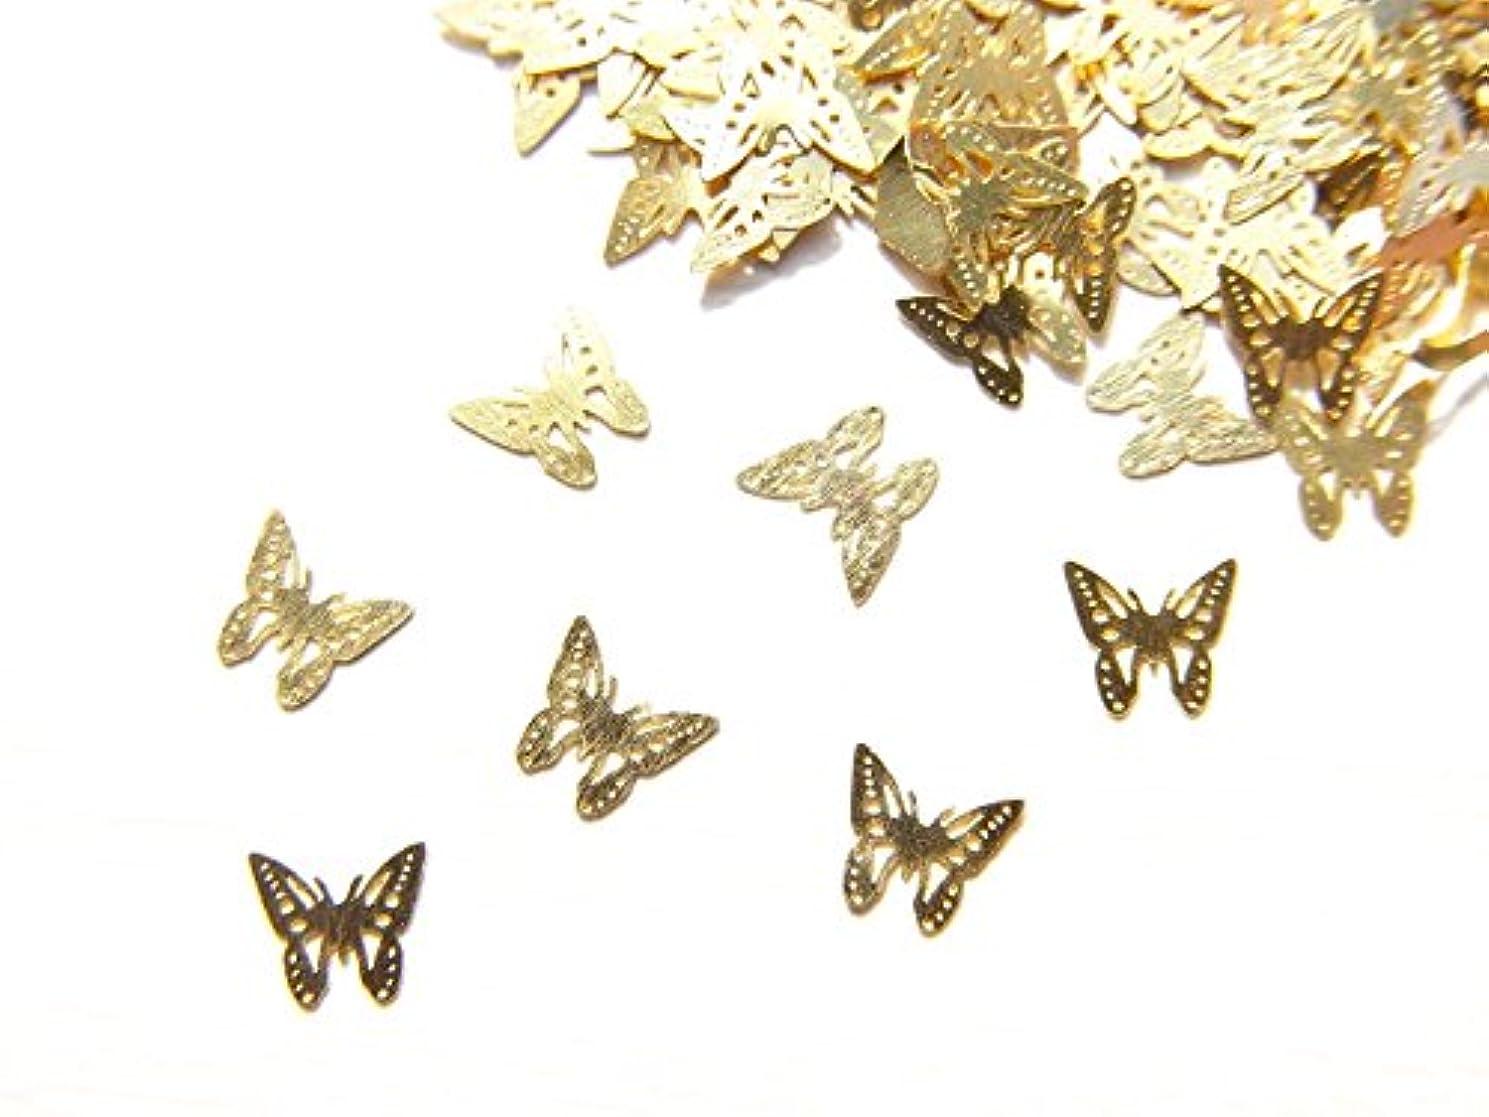 くま驚いたことに現代の【jewel】ug24 薄型ゴールド メタルパーツ Sサイズ バタフライ 蝶 A 10個入り ネイルアートパーツ レジンパーツ